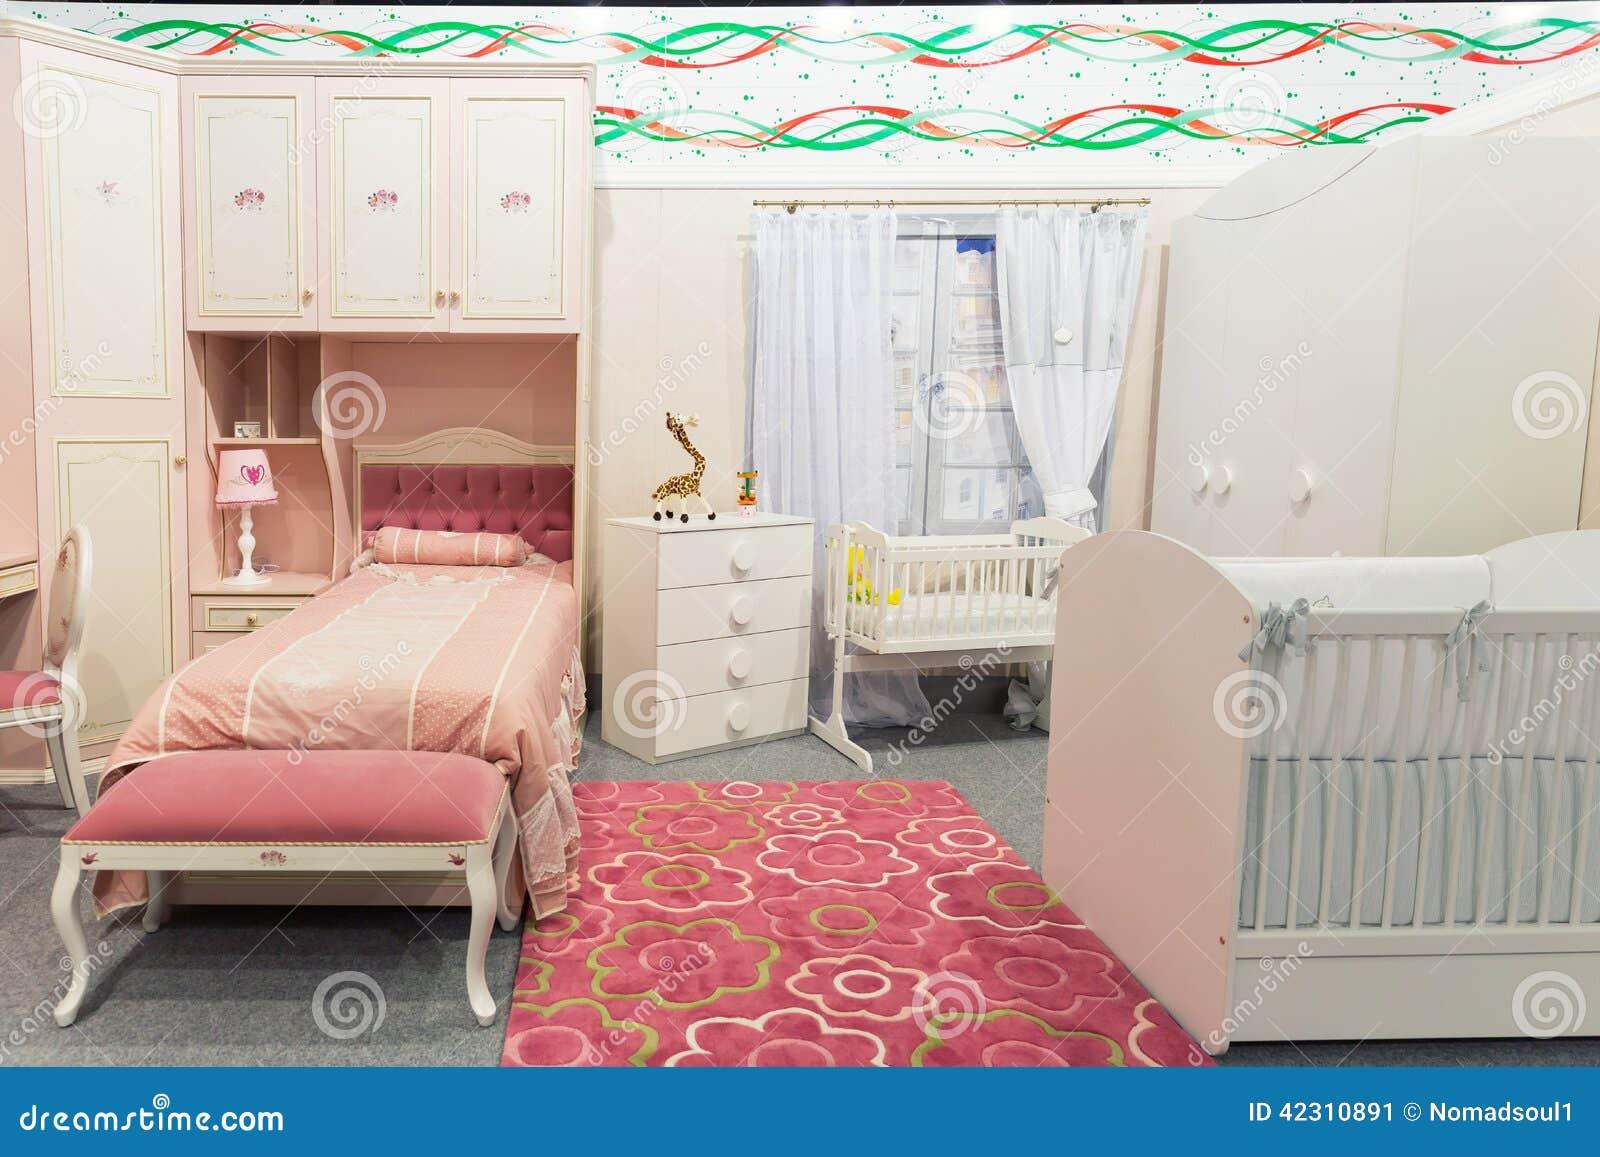 La Chambre à Coucher Du Bébé Dans Des Couleurs En Pastel